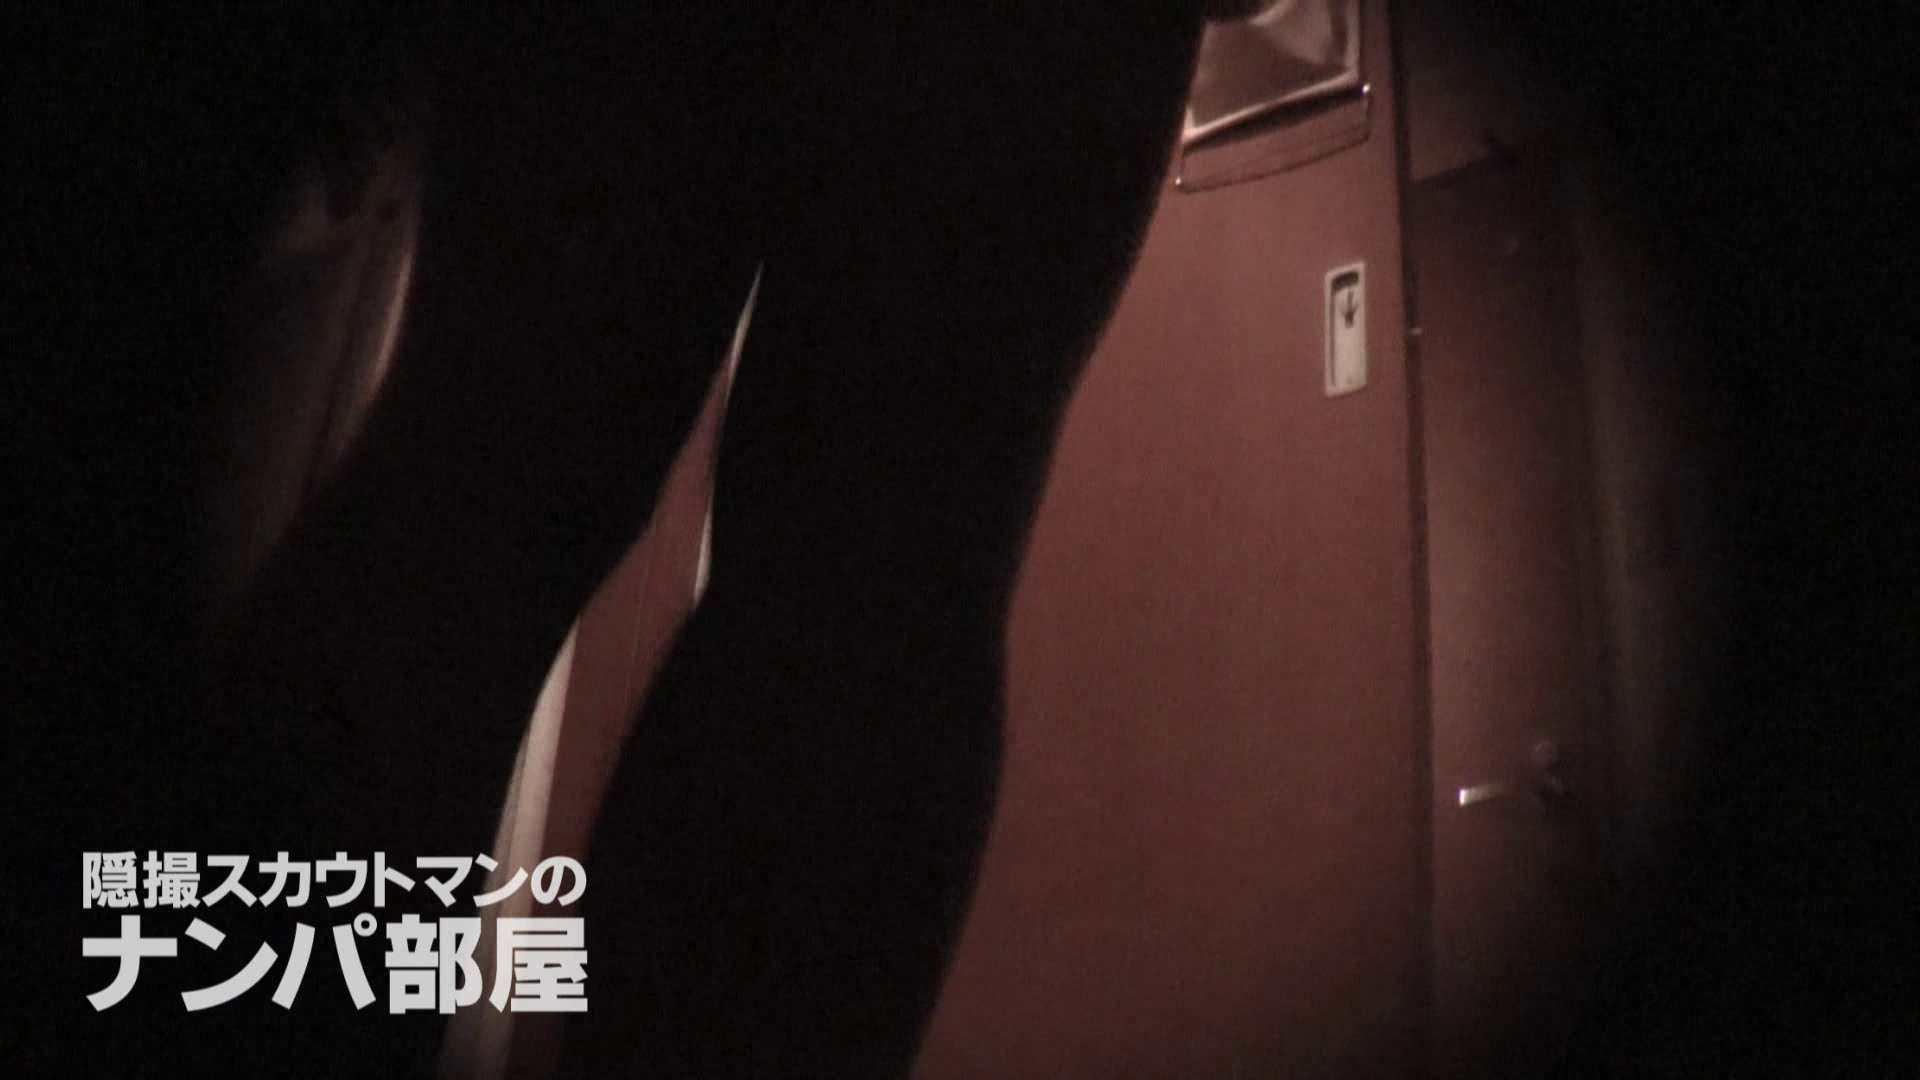 隠撮スカウトマンのナンパ部屋~風俗デビュー前のつまみ食い~ sii 隠撮  68連発 27